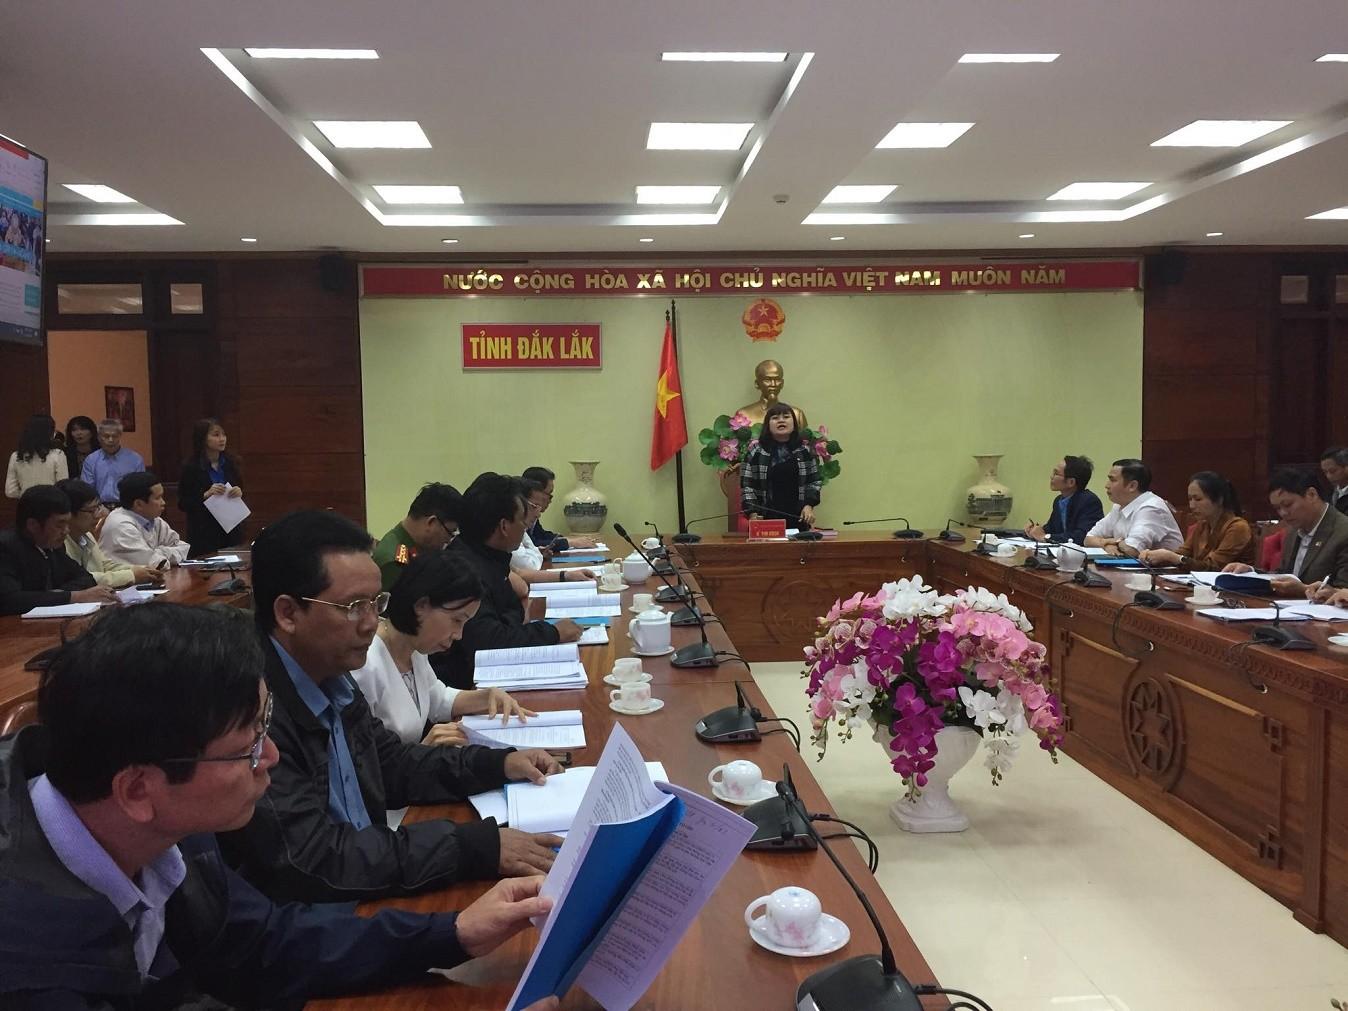 Thông báo kết luận của đồng chí H'Yim Kđoh – Phó Chủ tịch UBND tỉnh, Trưởng Ban Chỉ đạo phòng chống dịch bệnh viêm đường hô hấp cấp do chủng mới virus Corona (nCoV) gây ra trên địa bàn tỉnh Đắk Lắk.